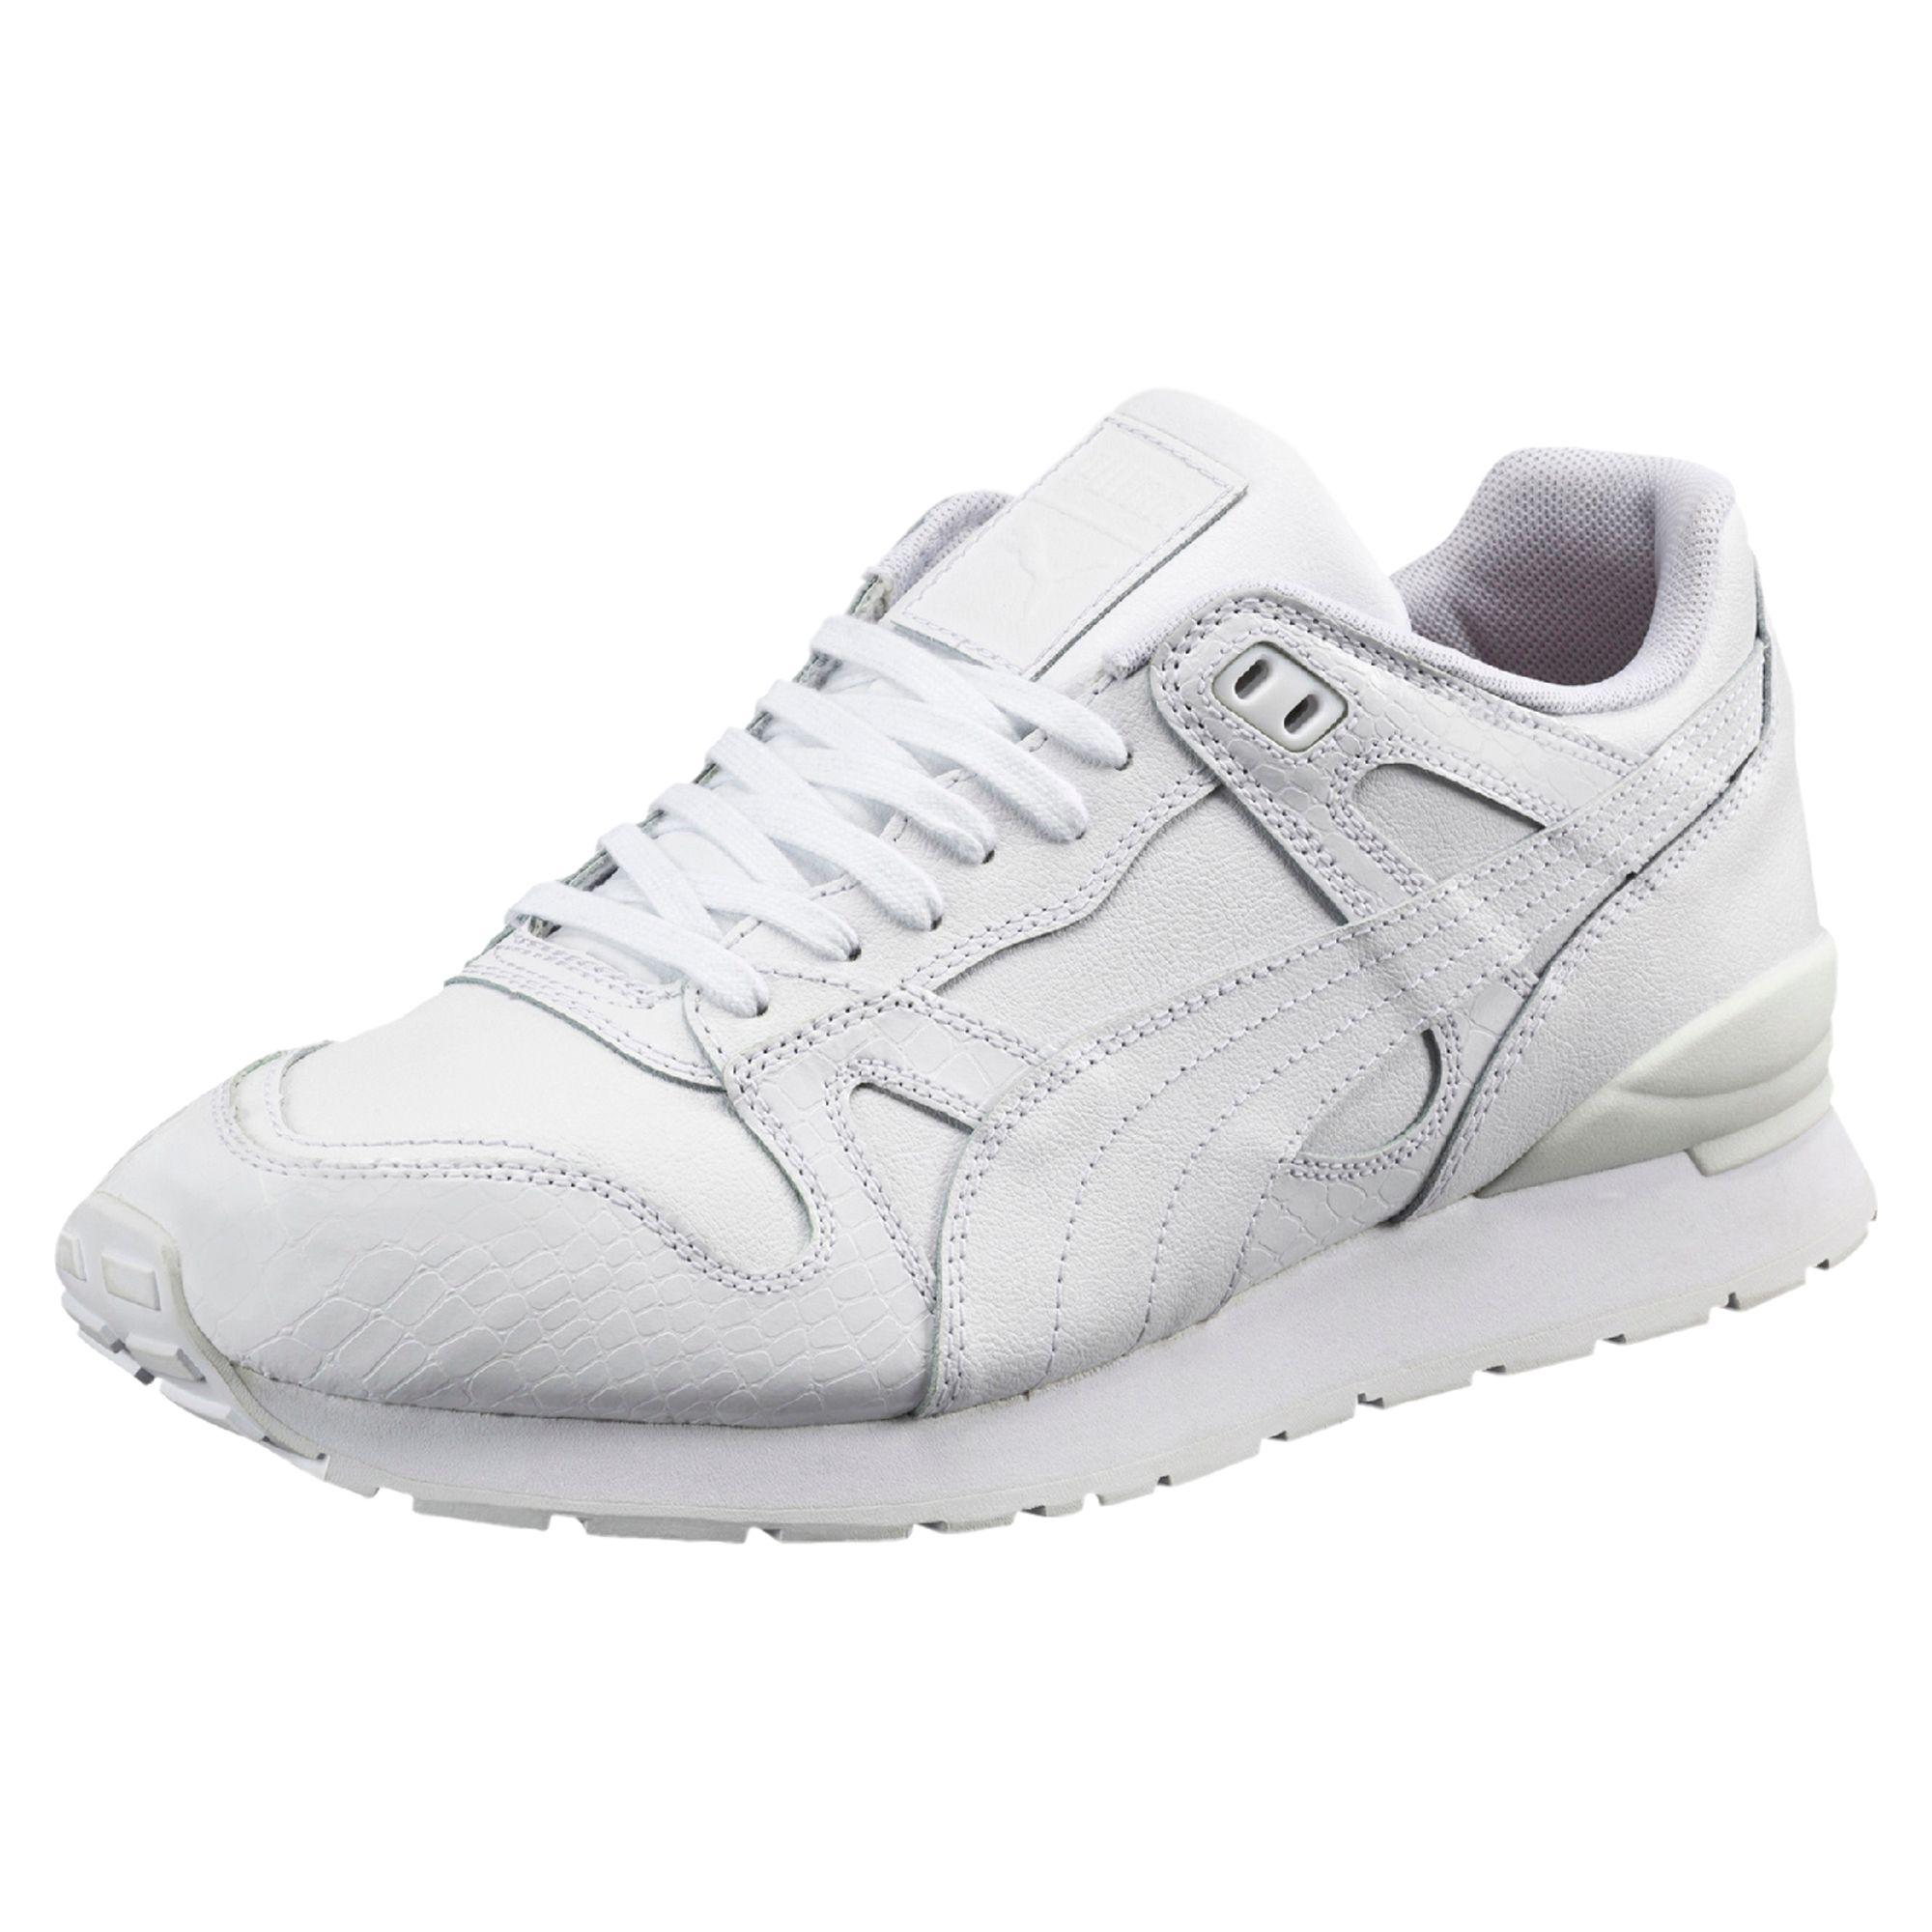 PUMA Duplex Citi Trainers Sport TYAW-Chaussures pour Hommes Chaussures Plates à Tête Ronde Fibre Super Couleur Solide Bouche Peu Profonde EvECMeDOt